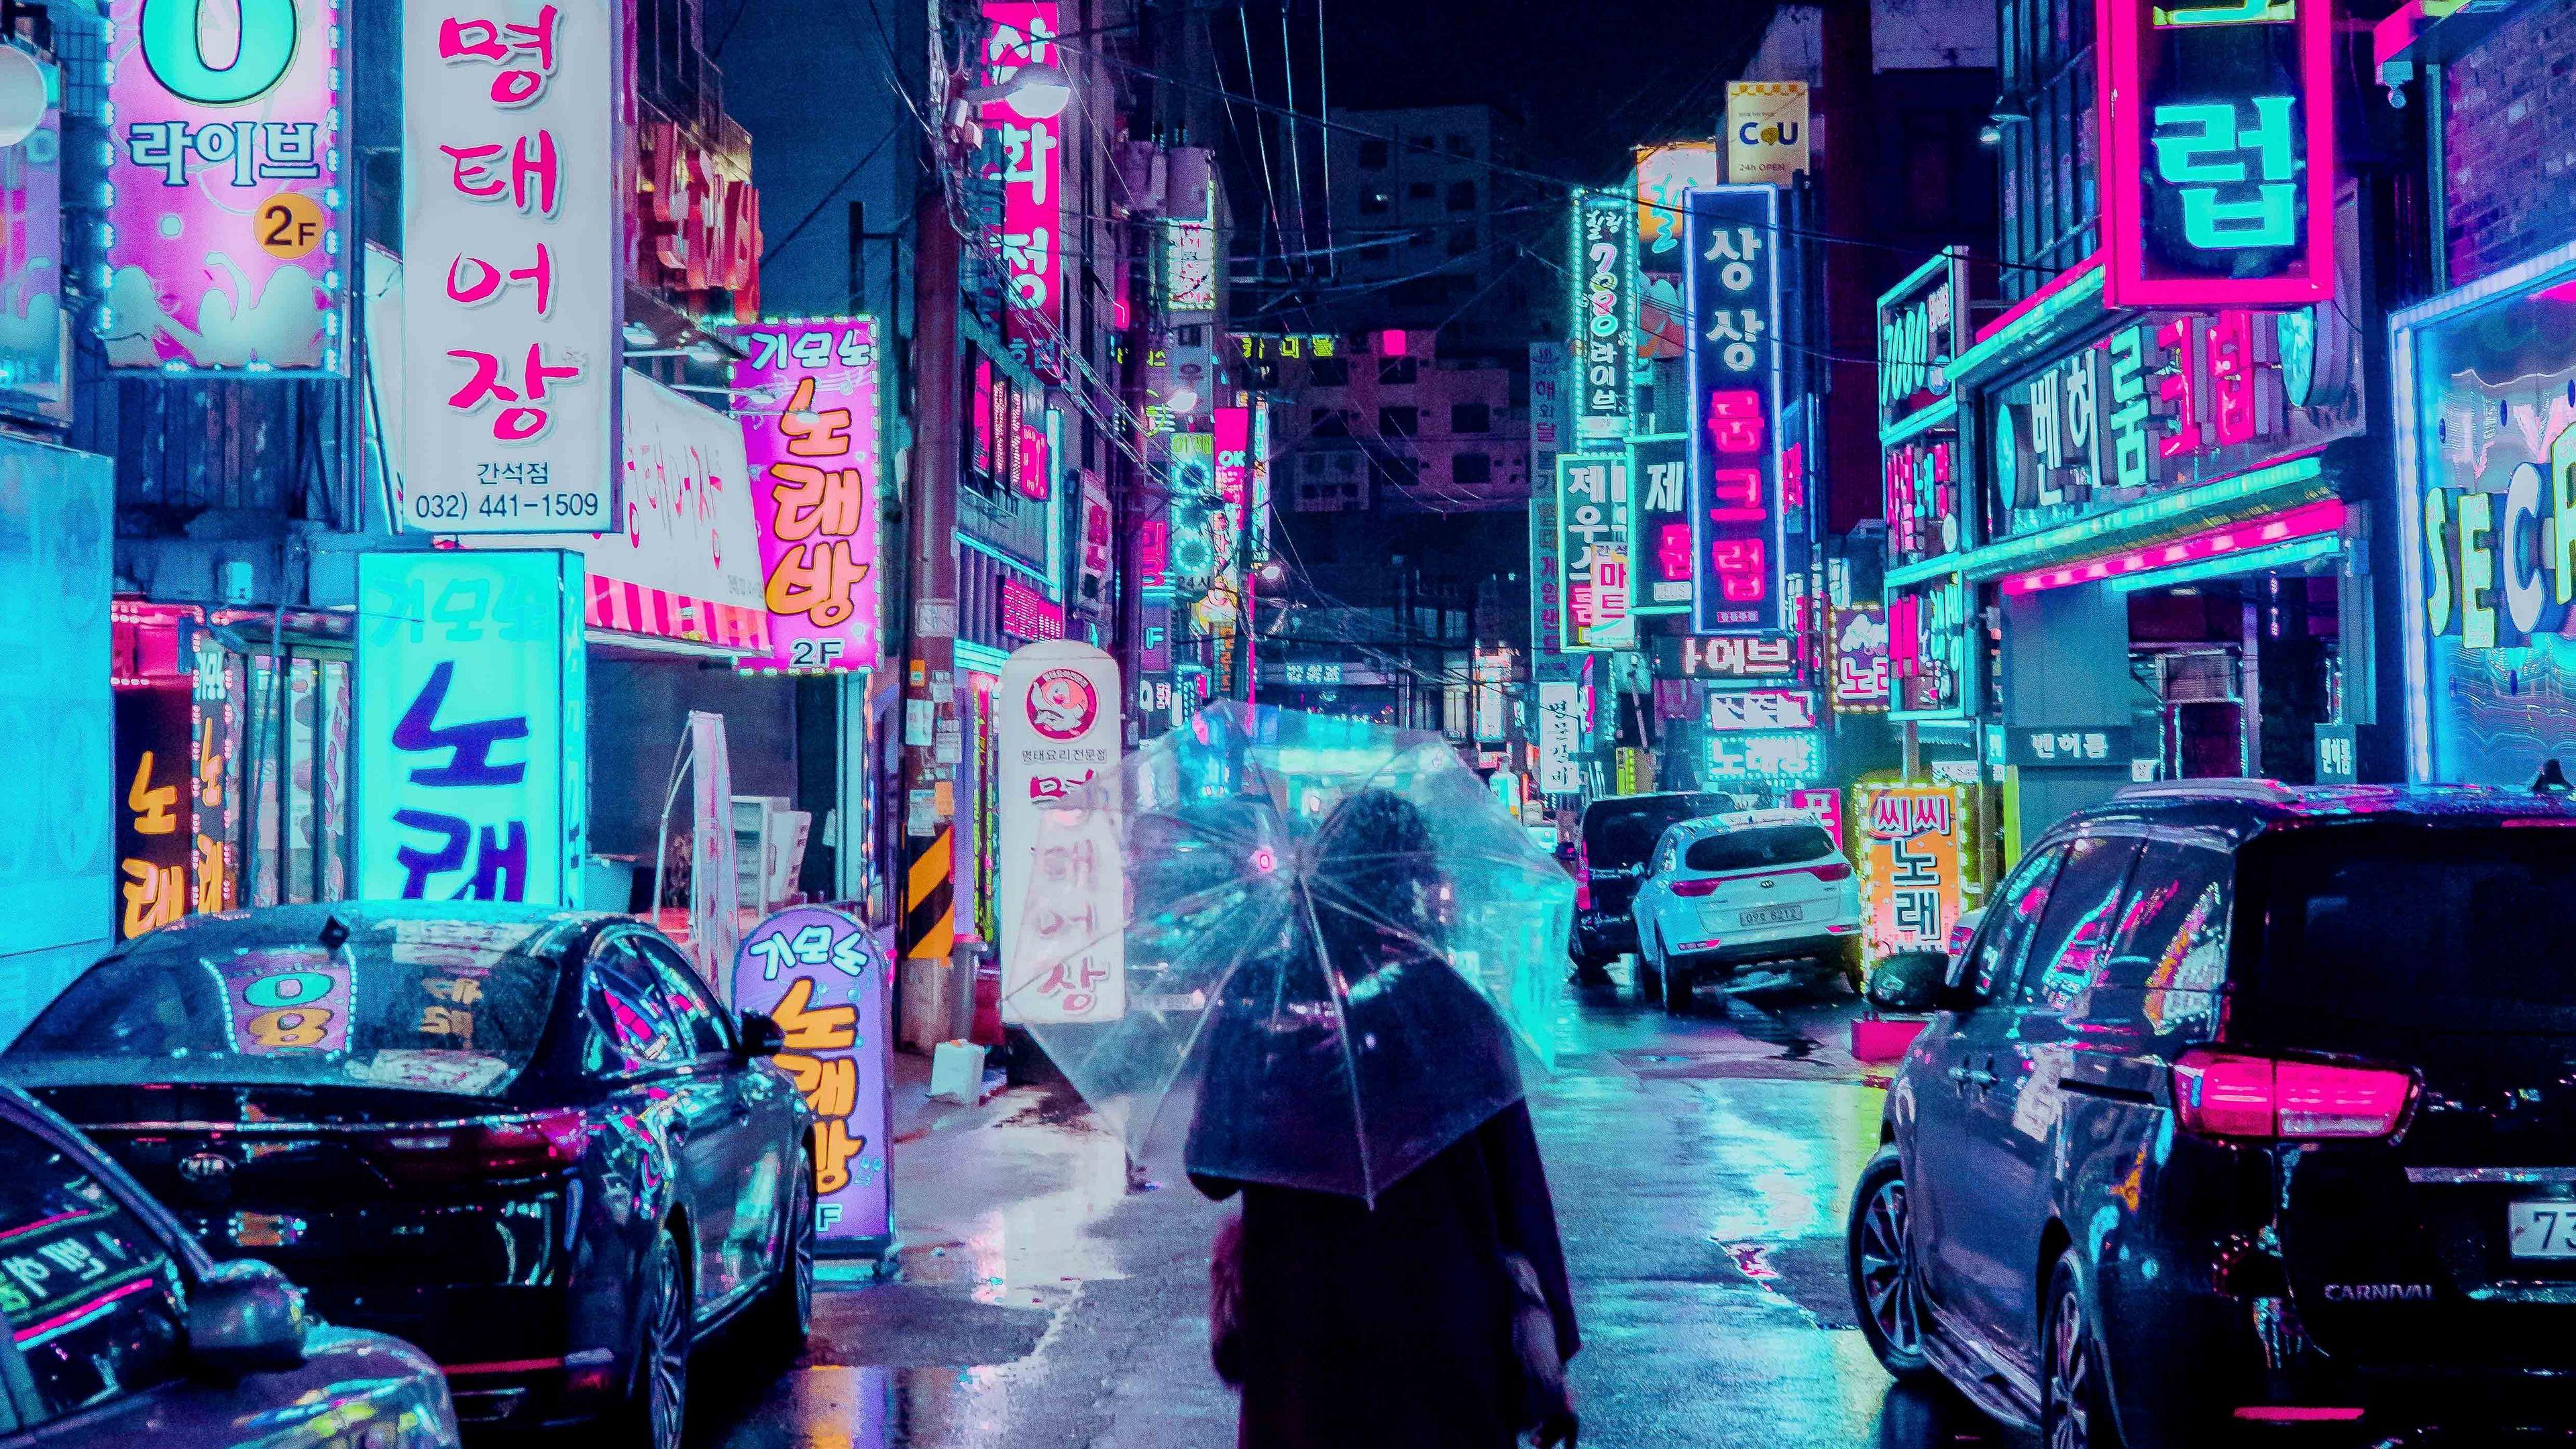 Neon Street Wallpapers   Top Neon Street Backgrounds 3840x2160